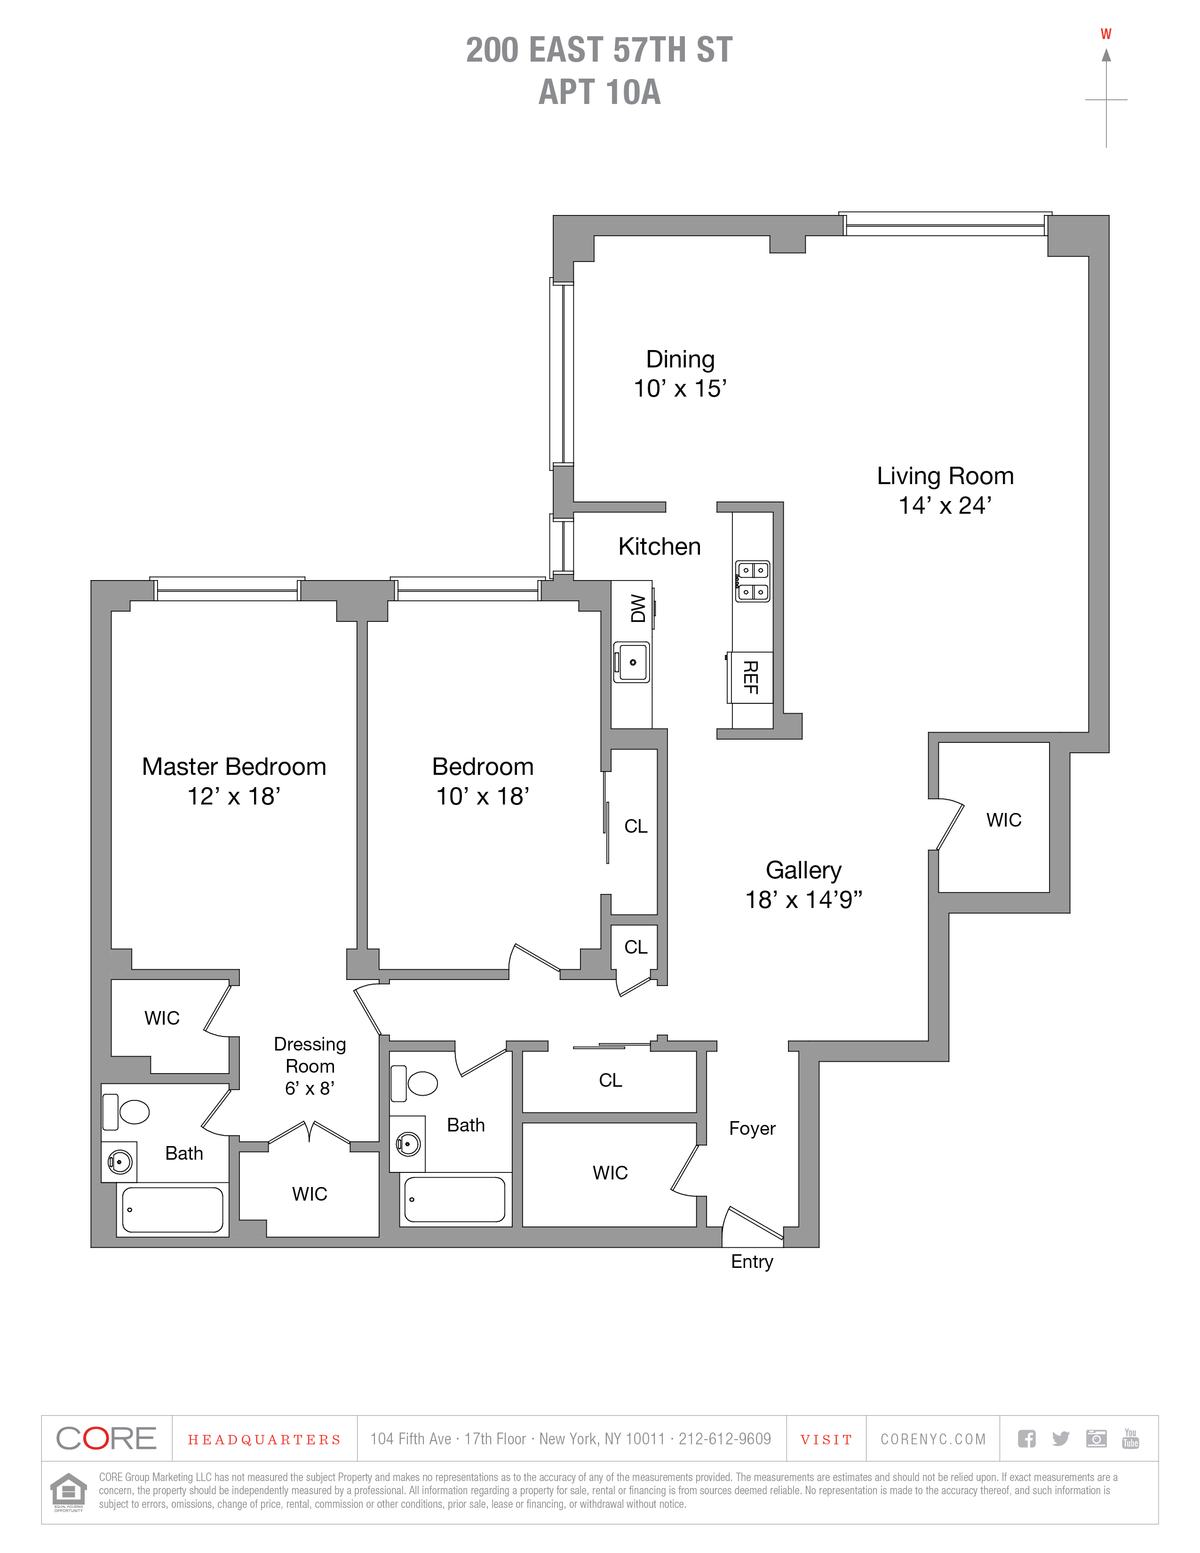 RealEstate.com